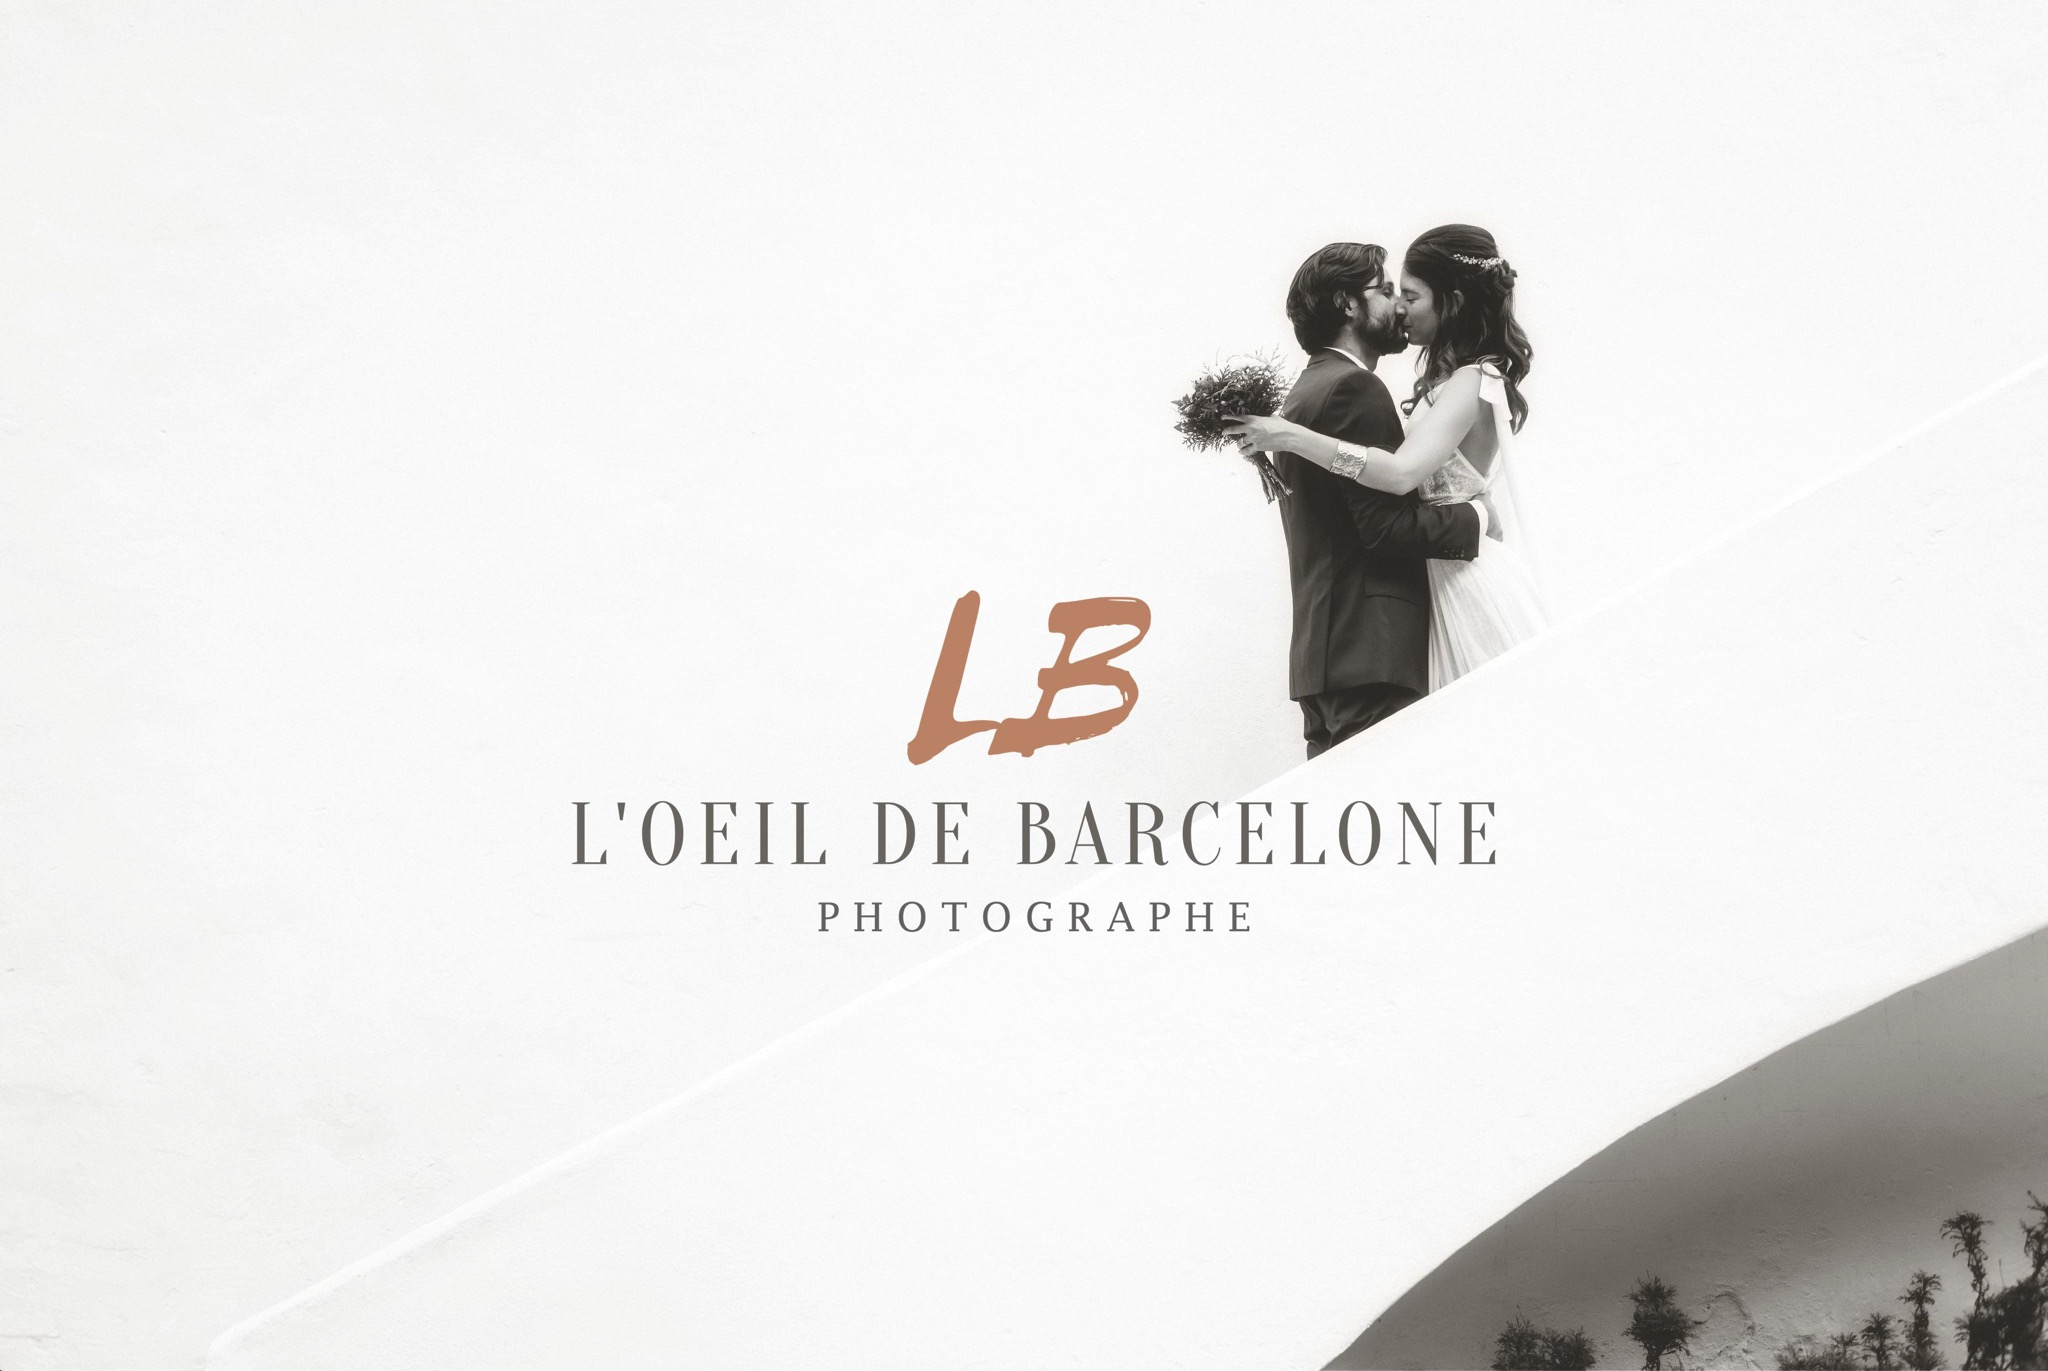 Meilleur Site Pour Photographe photographe barcelone - l'objectif au service de l'exigence